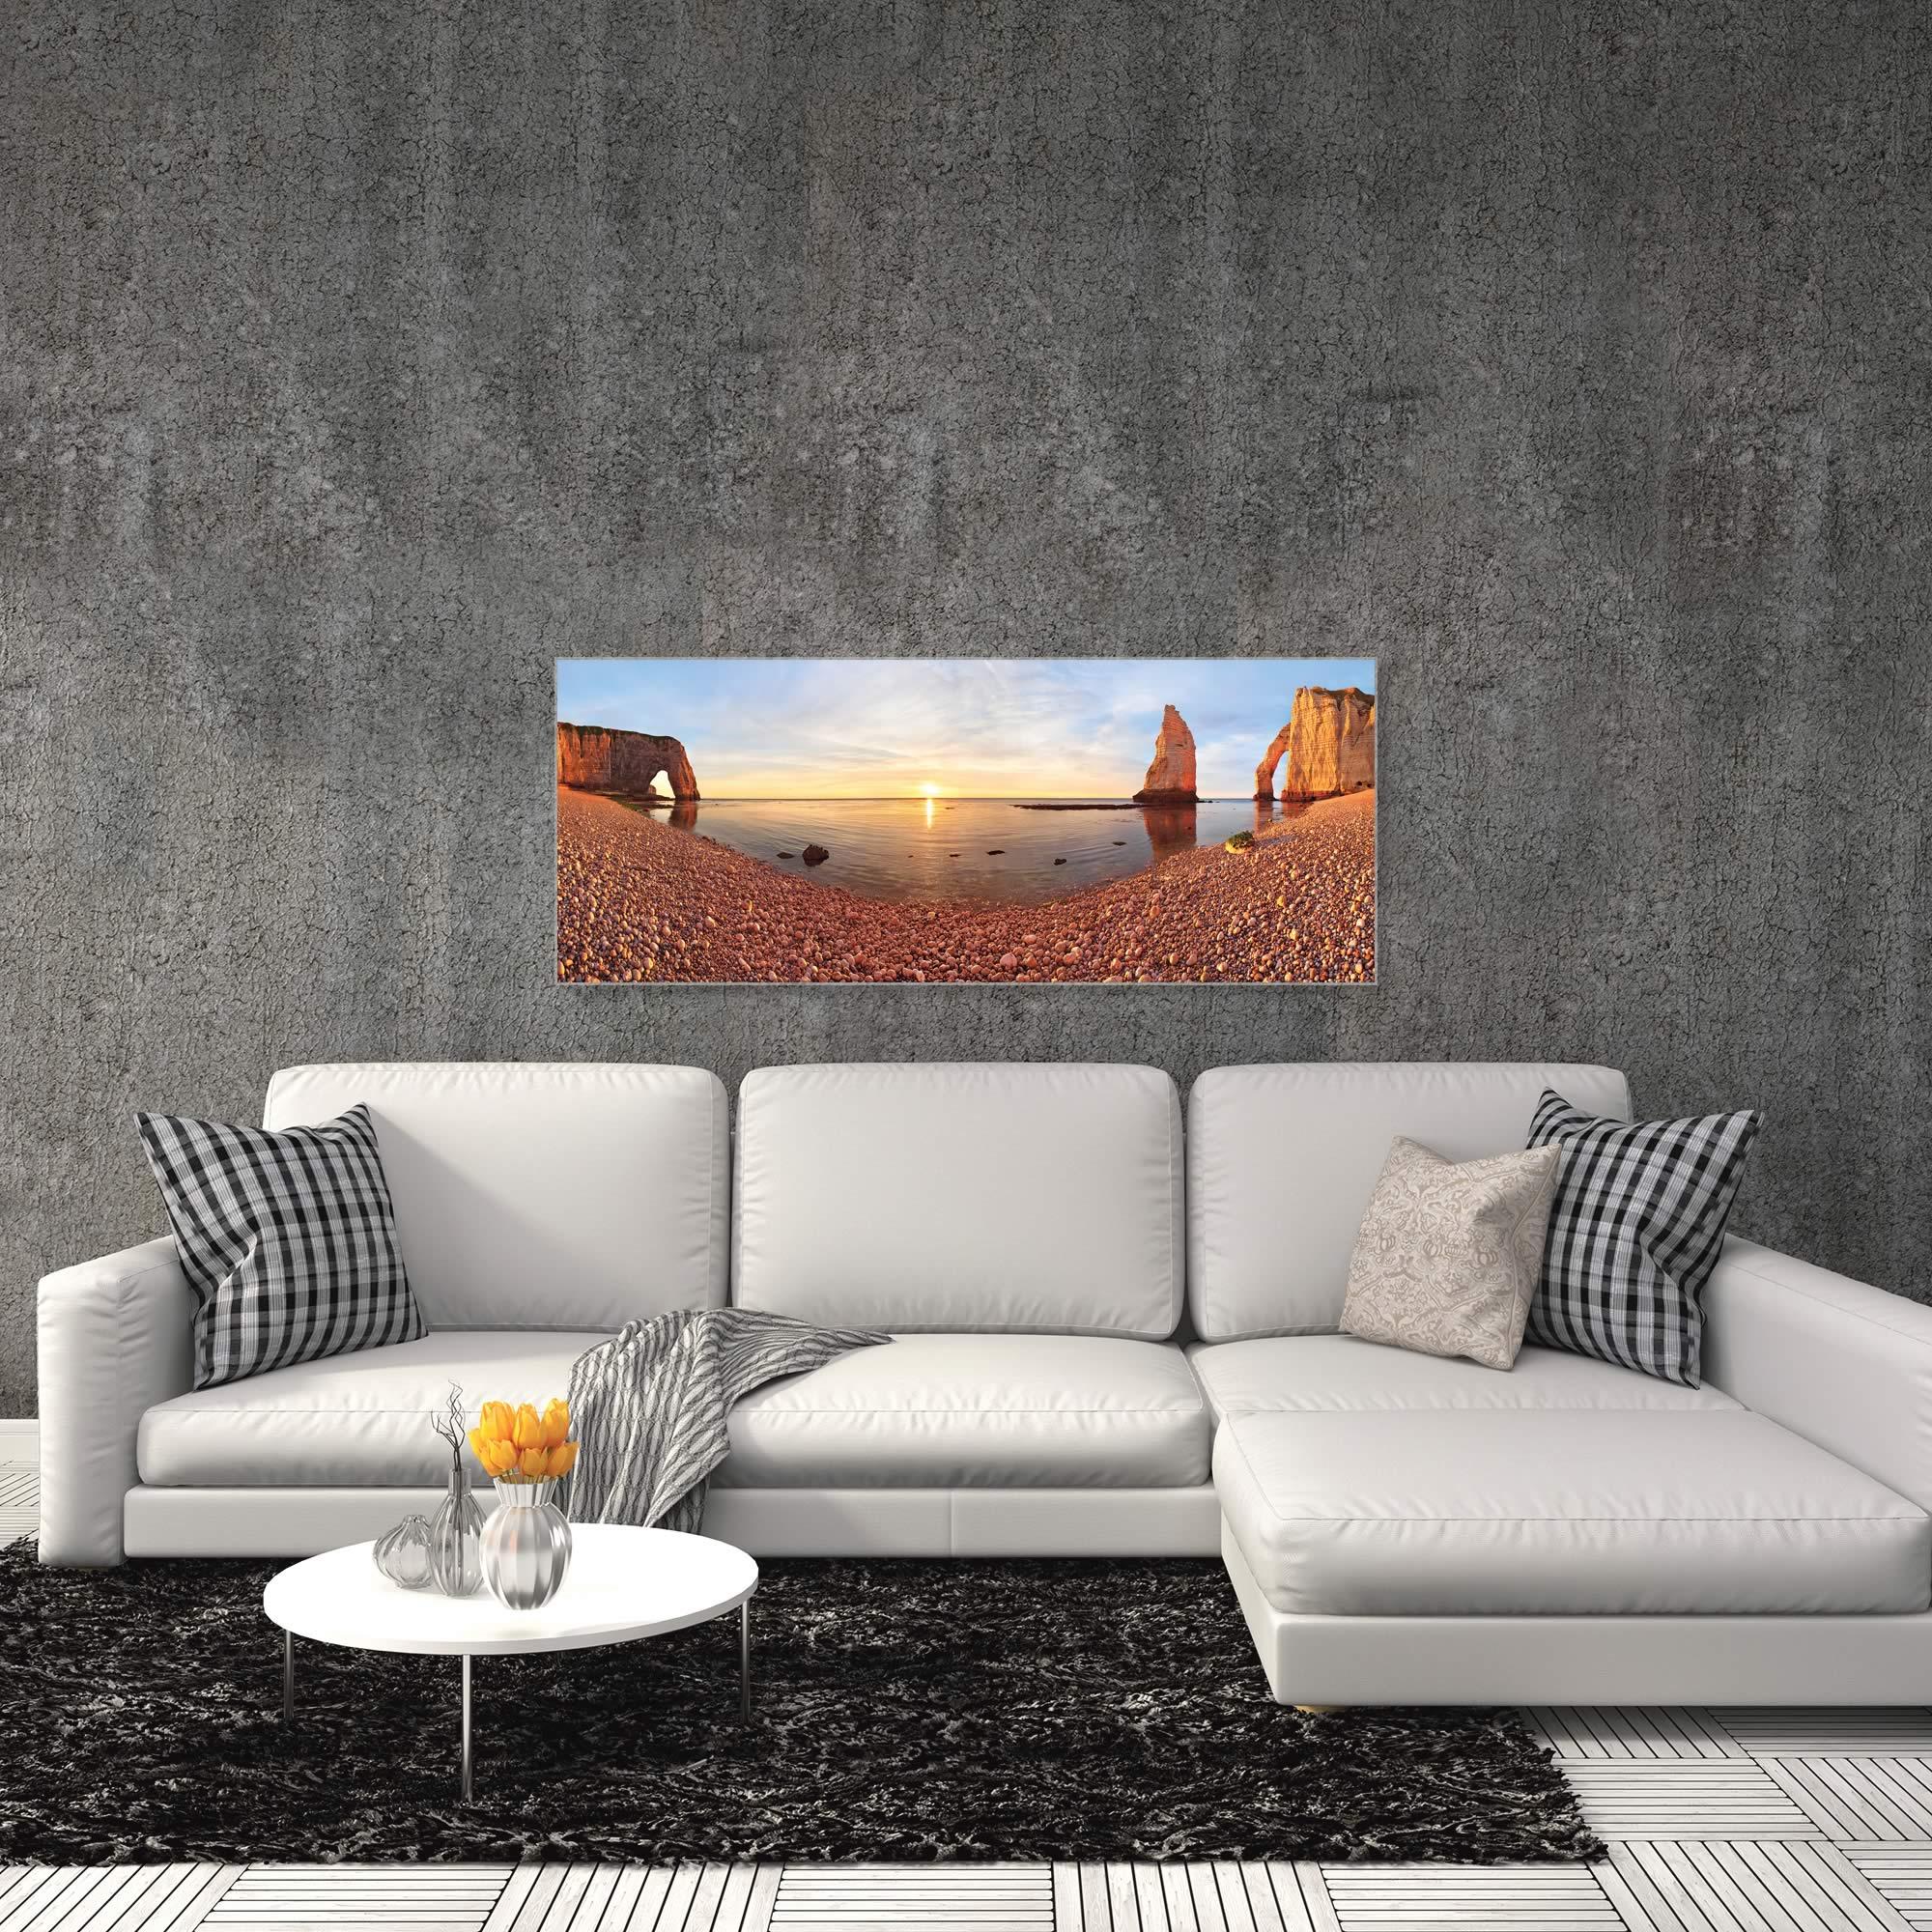 Desert Lake by Valeriy Shcherbina - Desert Oasis Art on Metal or Acrylic - Alternate View 3